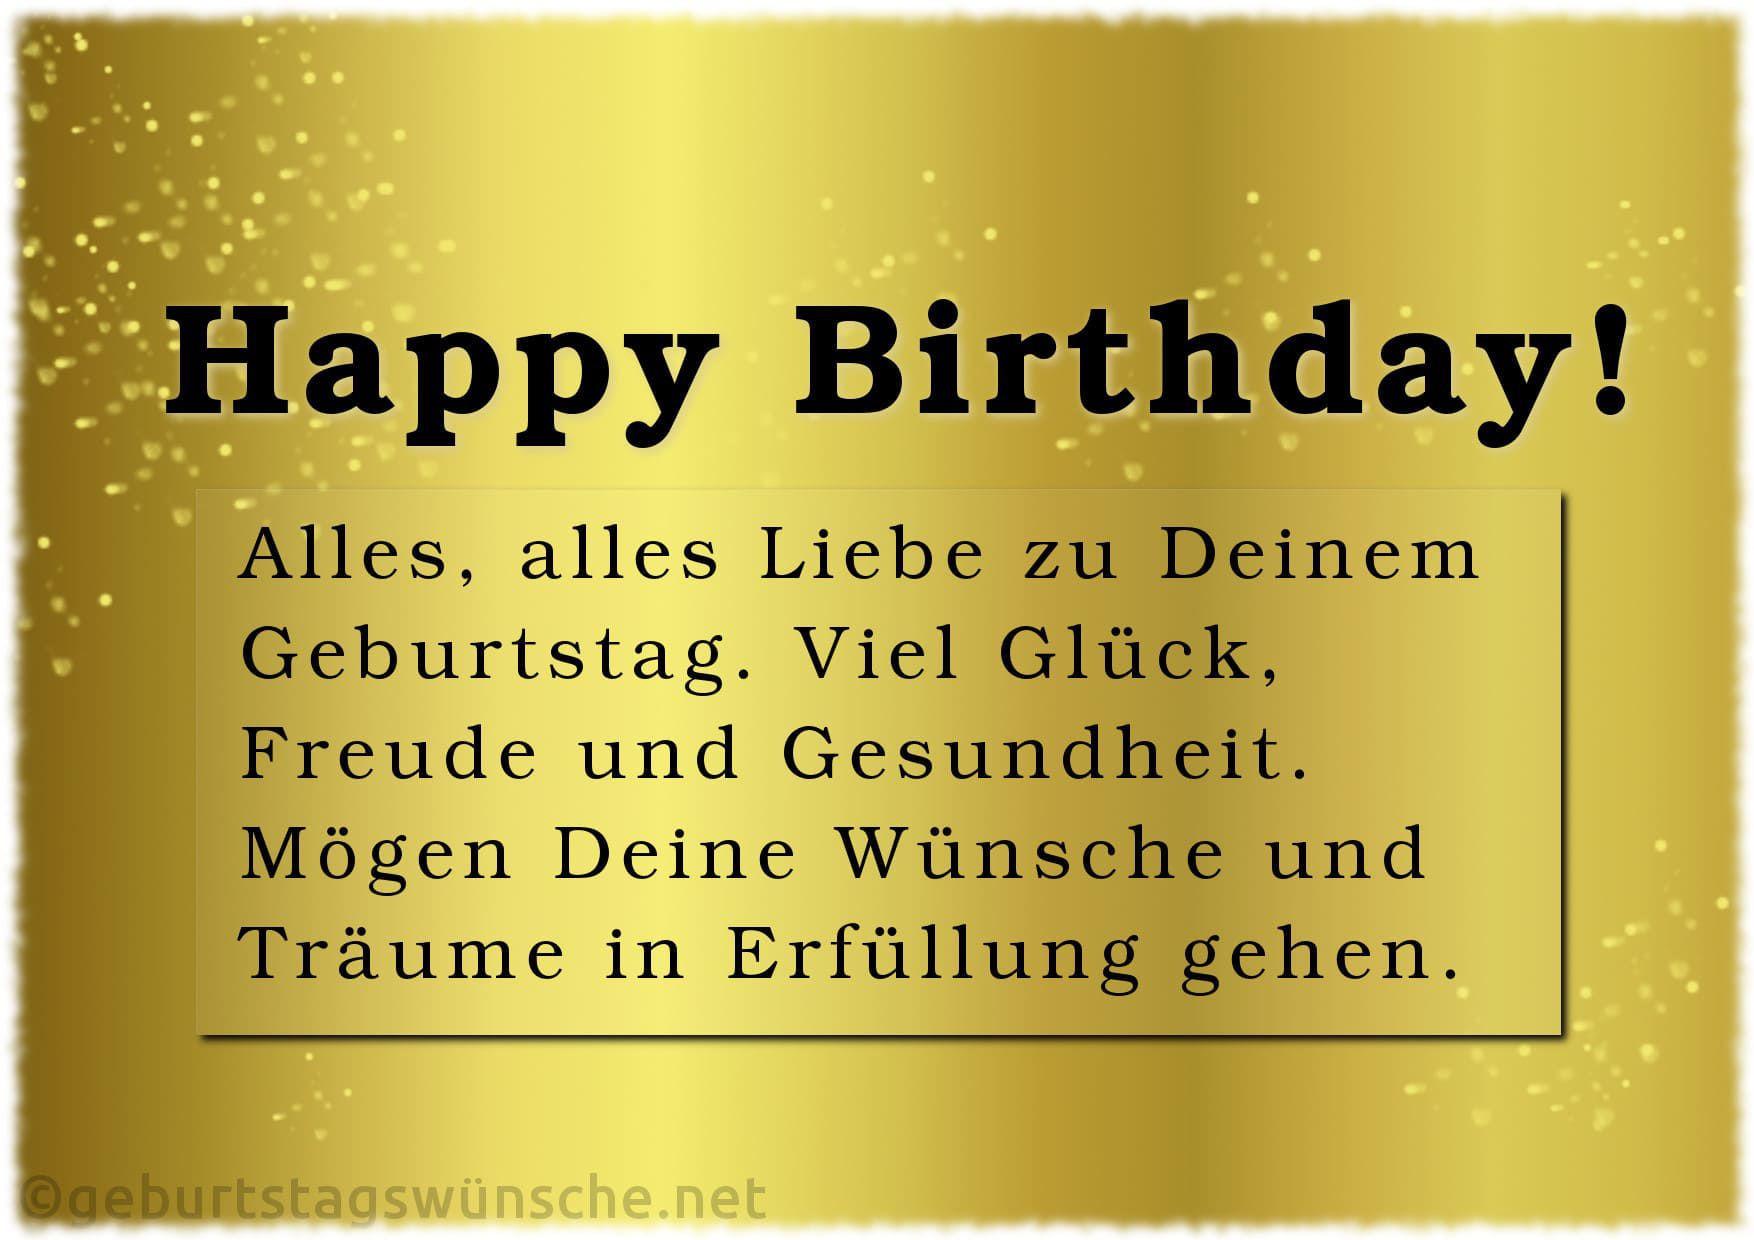 Versaute Geburtstagswünsche  Wir Wünschen Dir Alles Gute Zum Geburtstag Und Viel